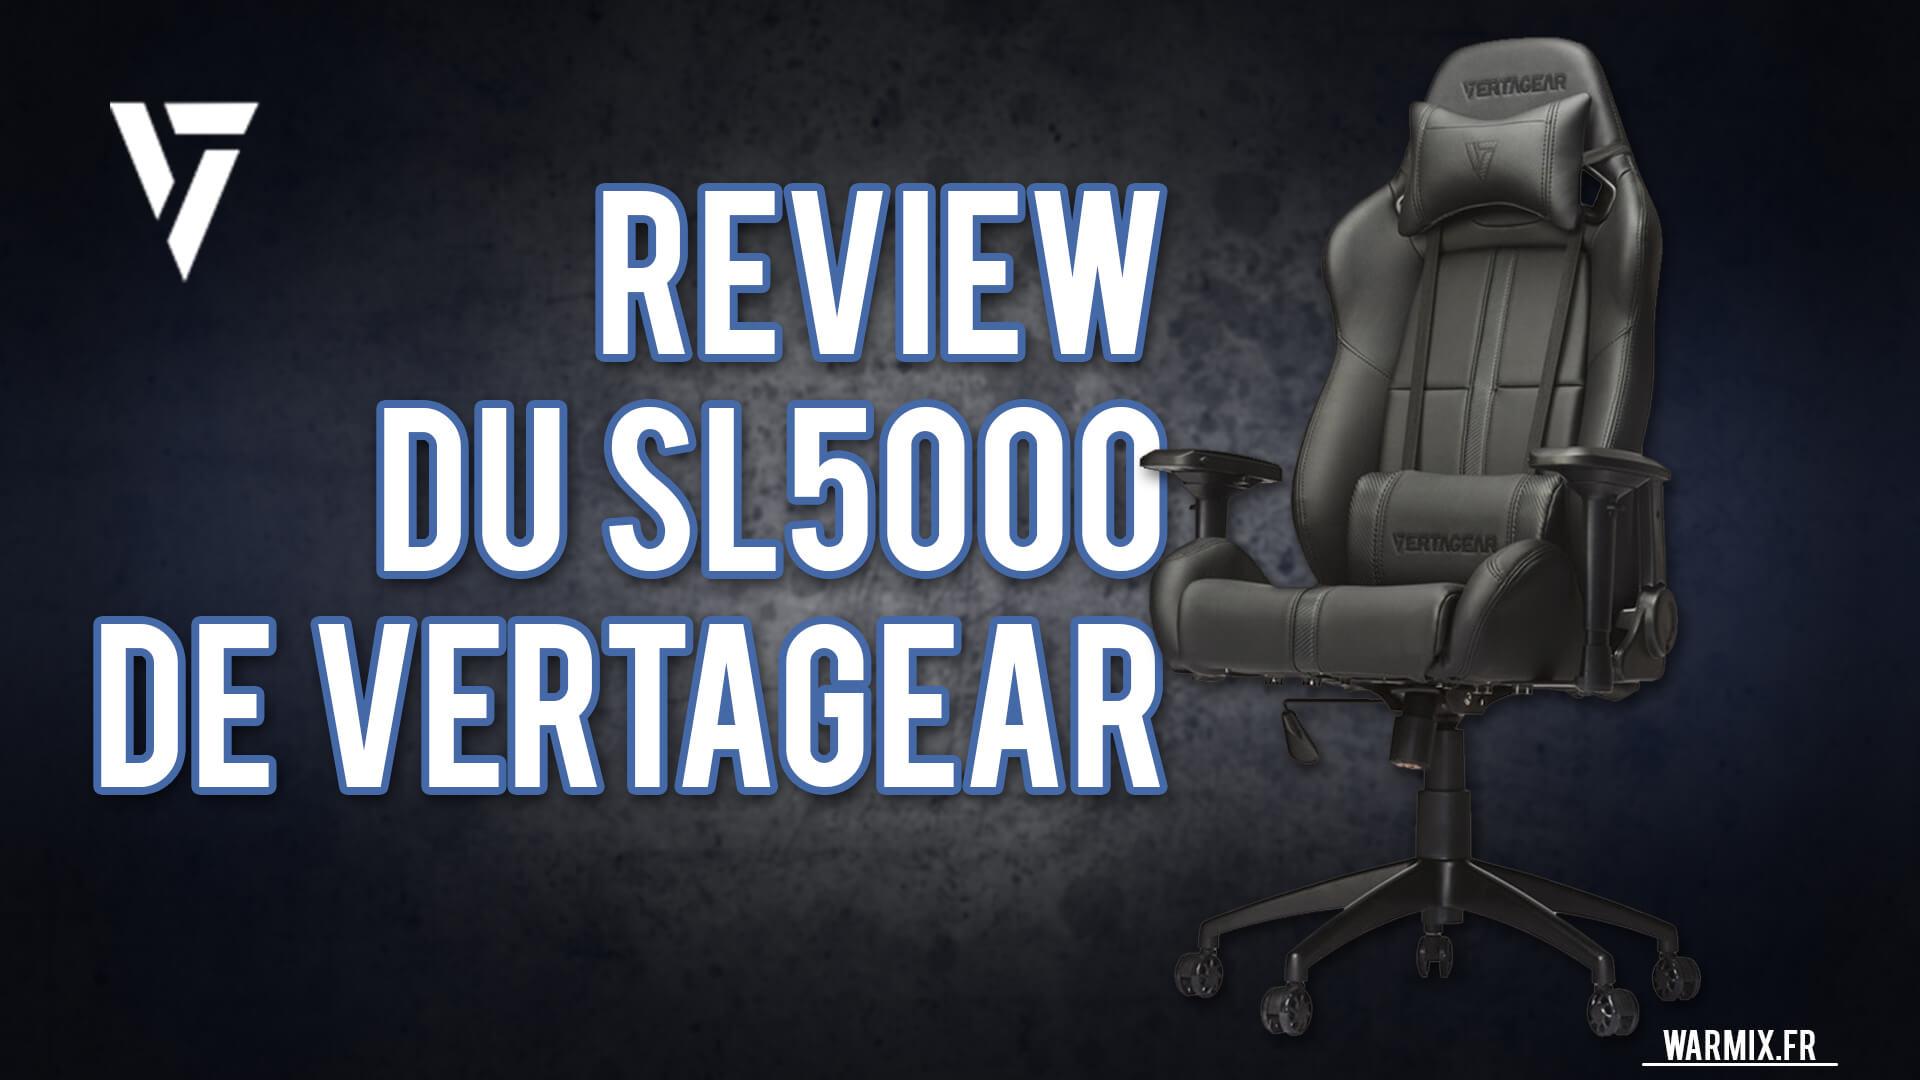 REVIEW DU FAUTEUIL SL5000 DE VERTAGEAR